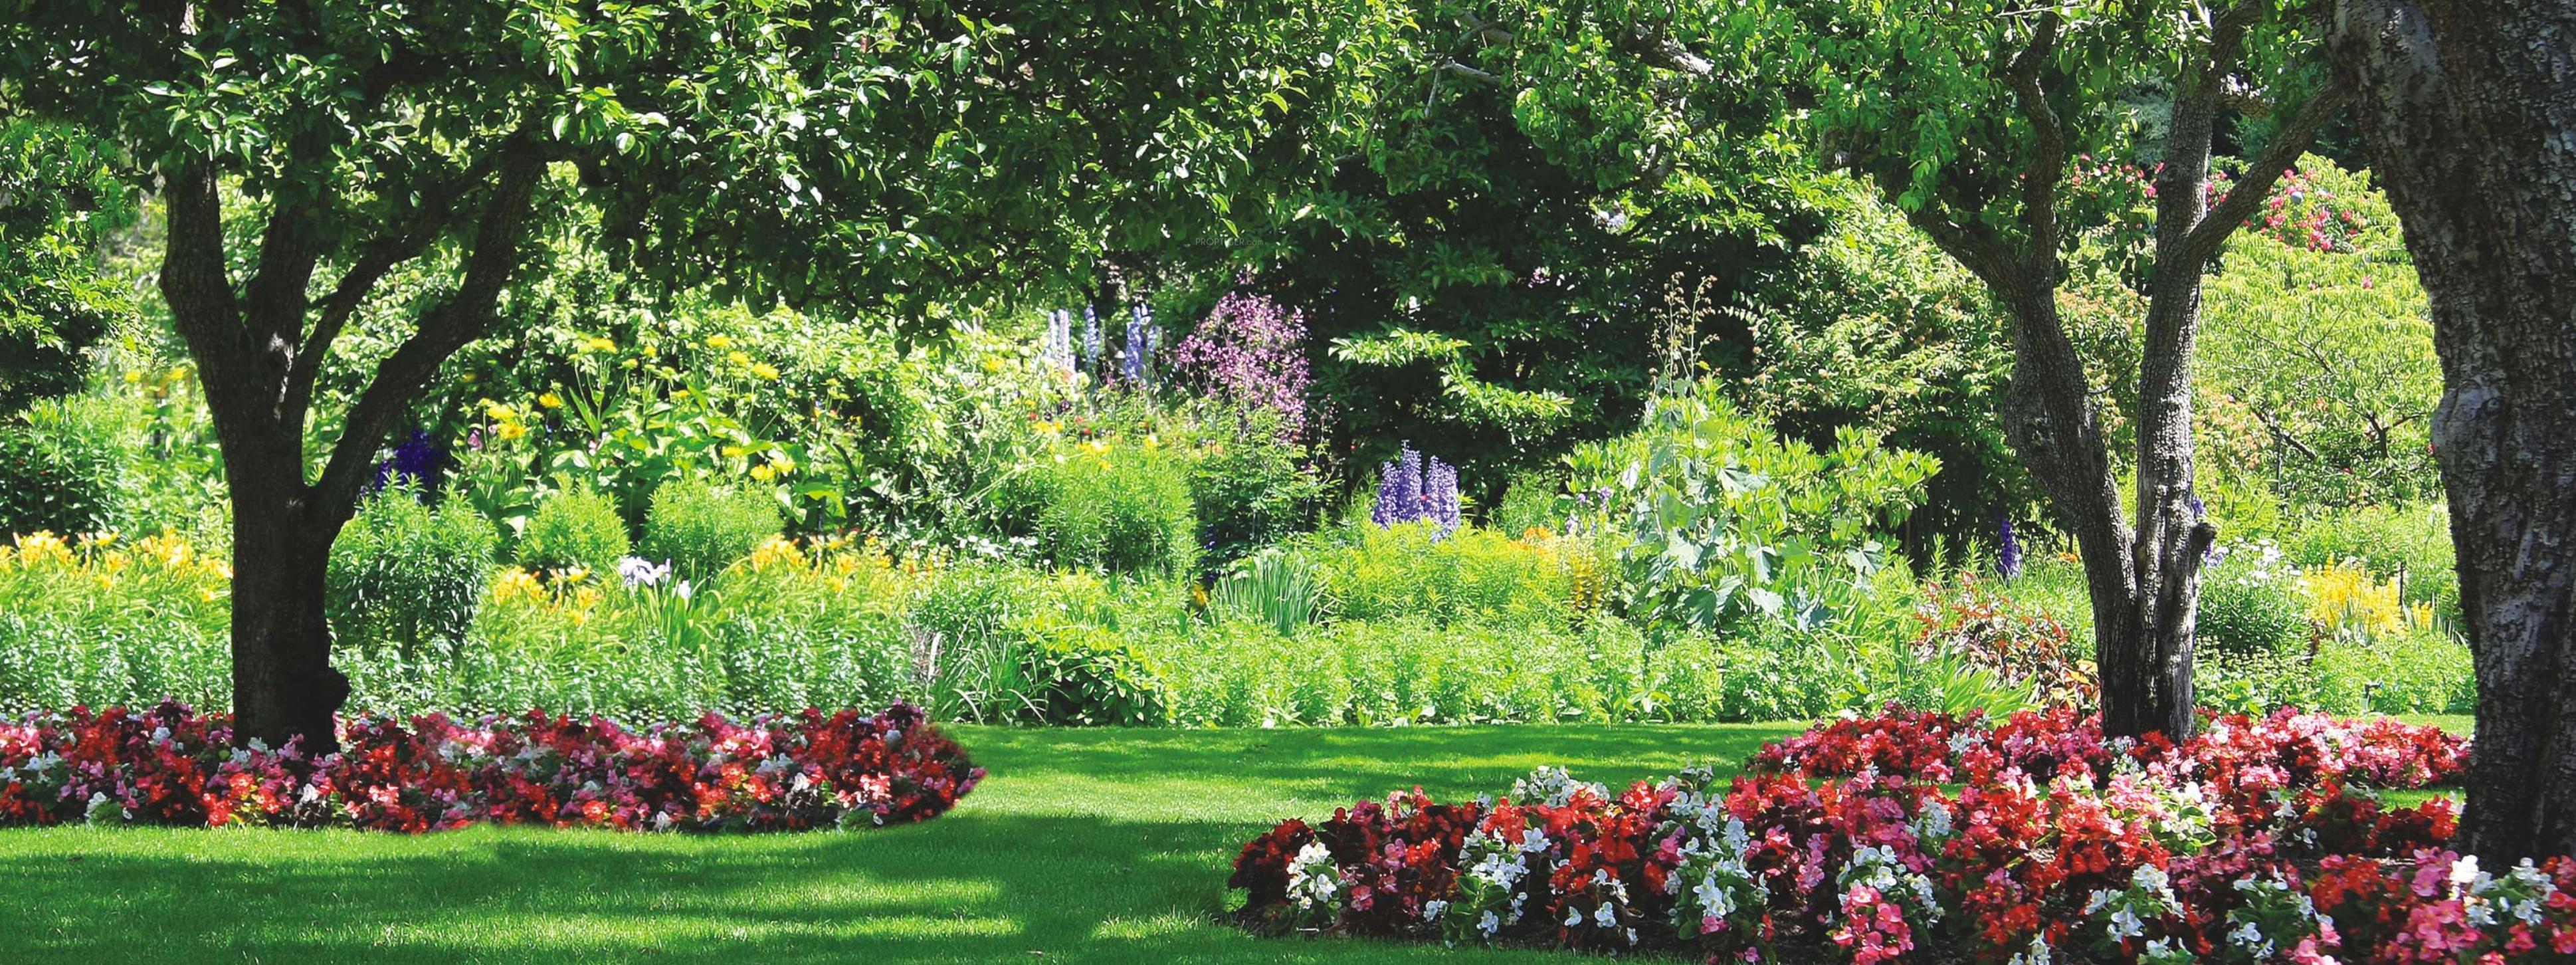 Ландшафтный дизайн фруктового сада